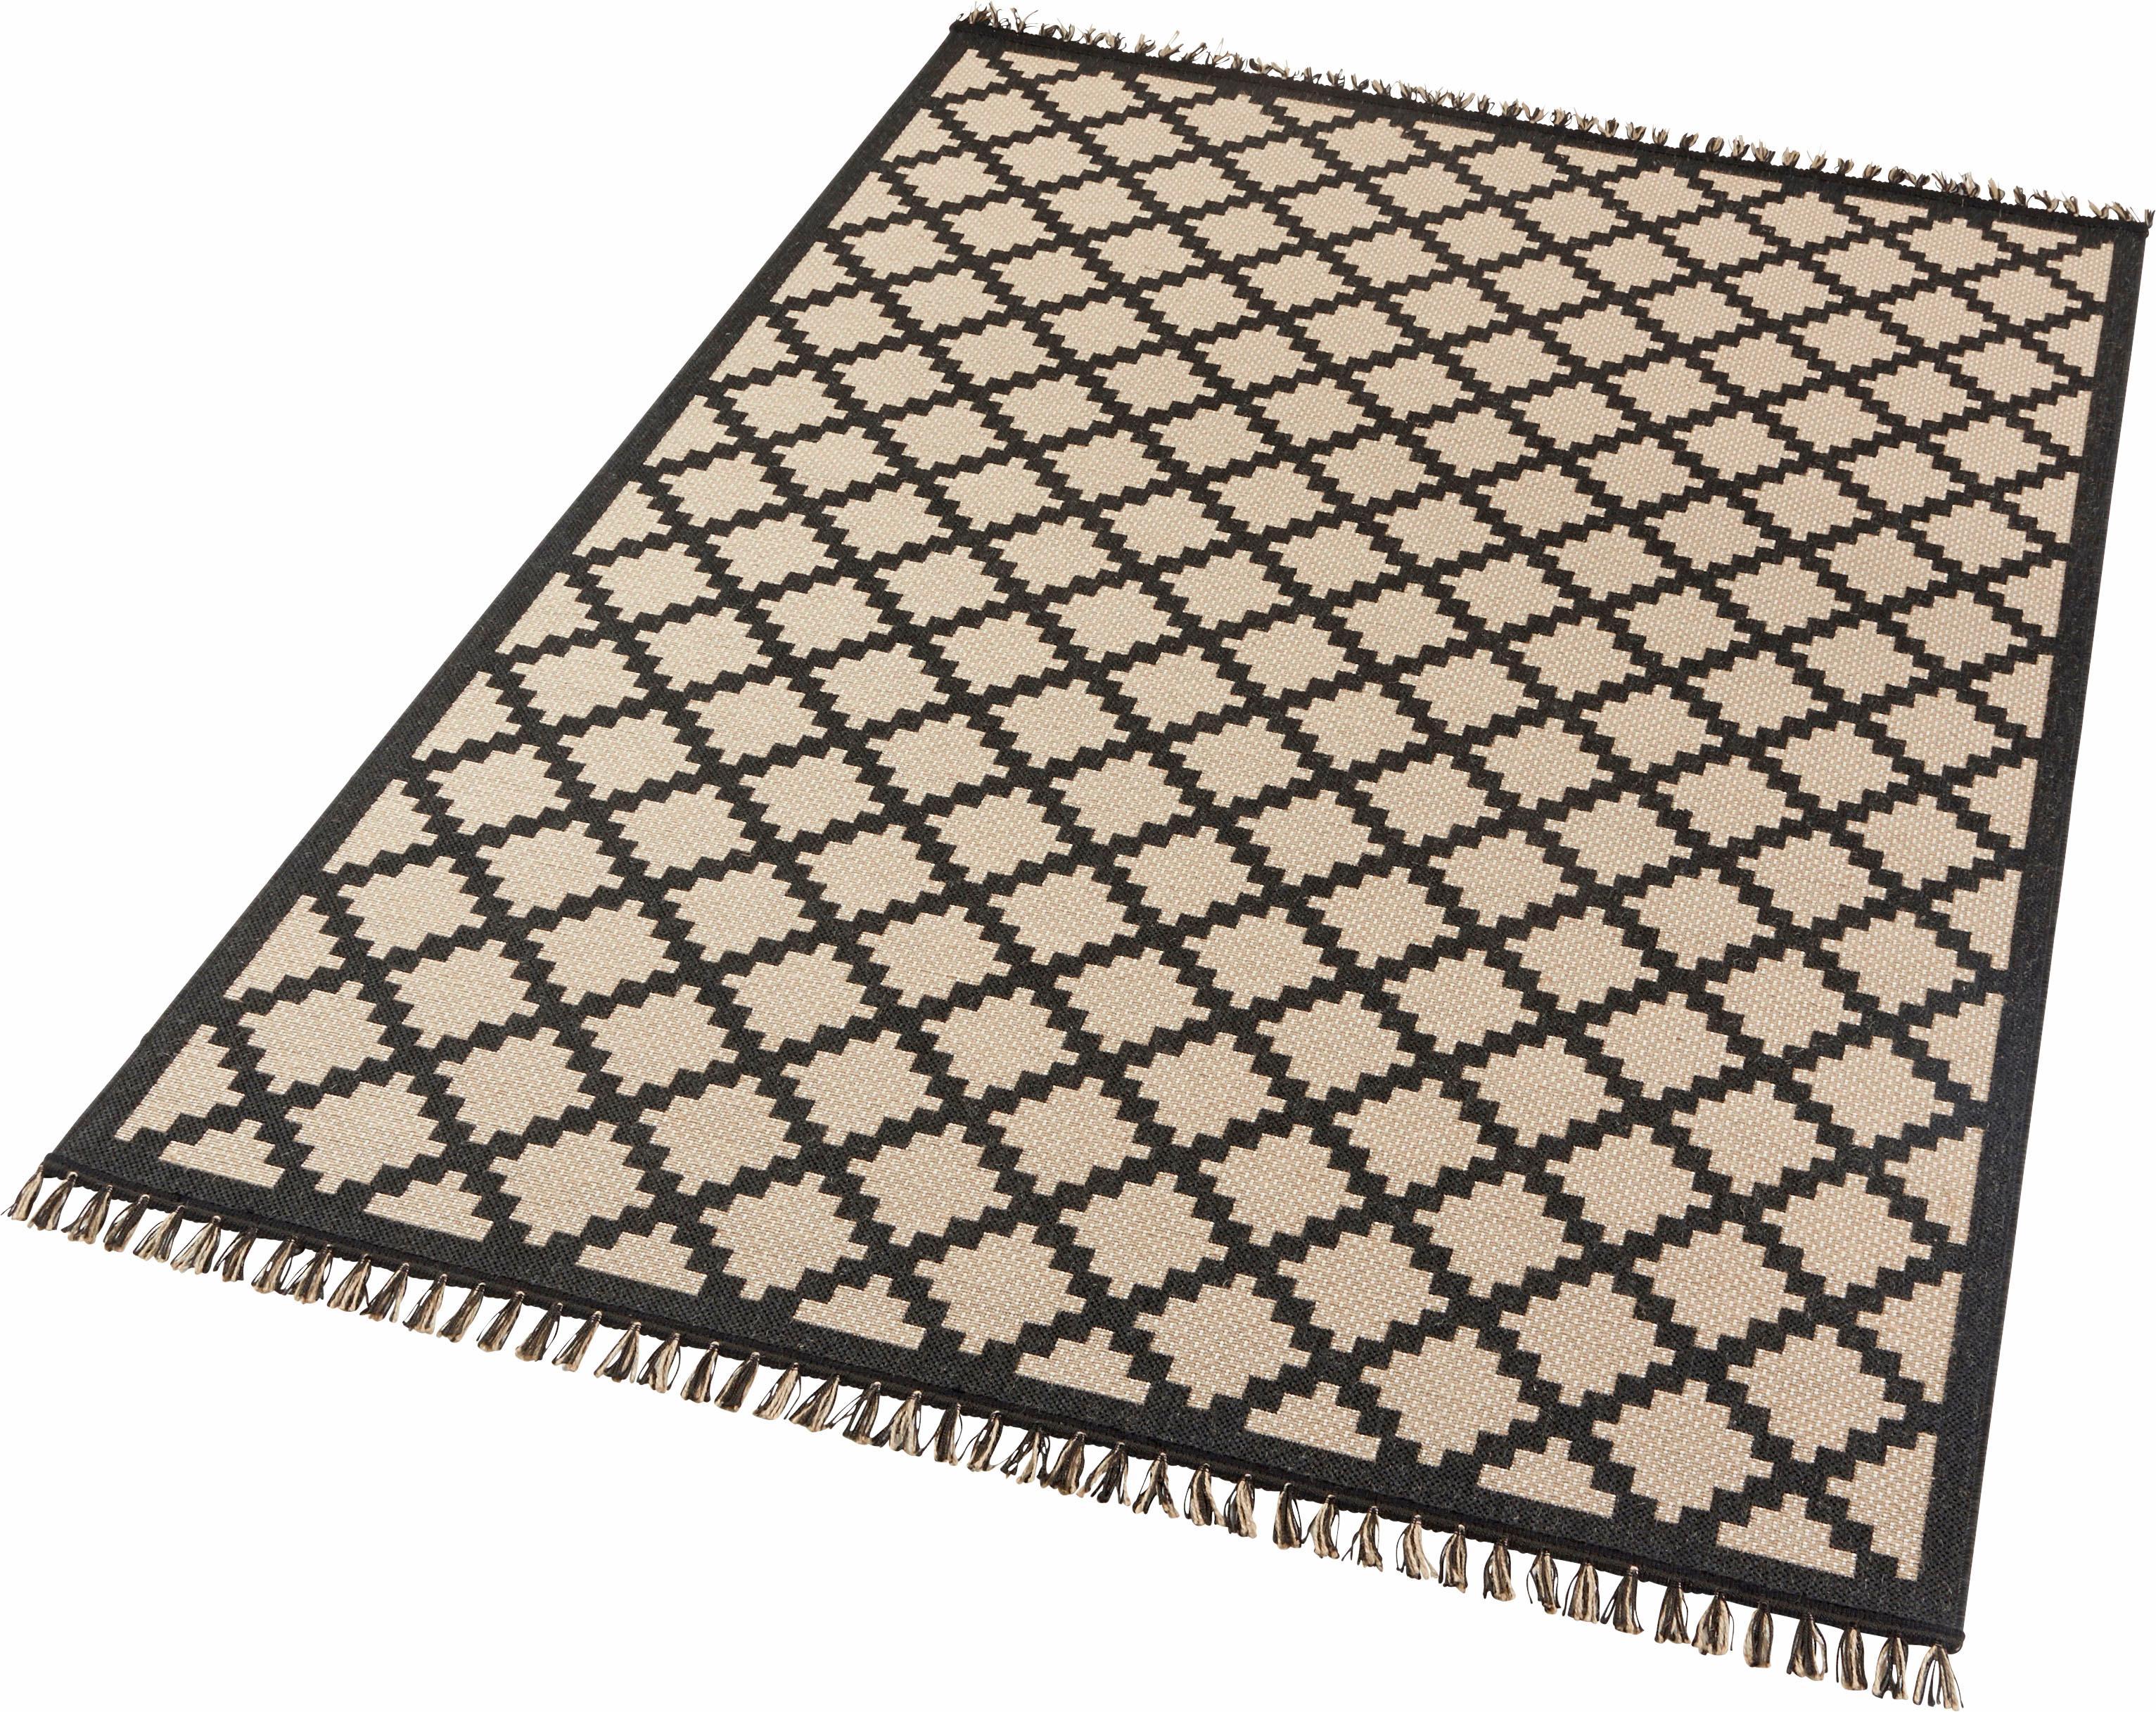 Teppich Visby HANSE Home rechteckig Höhe 3 mm maschinell gewebt